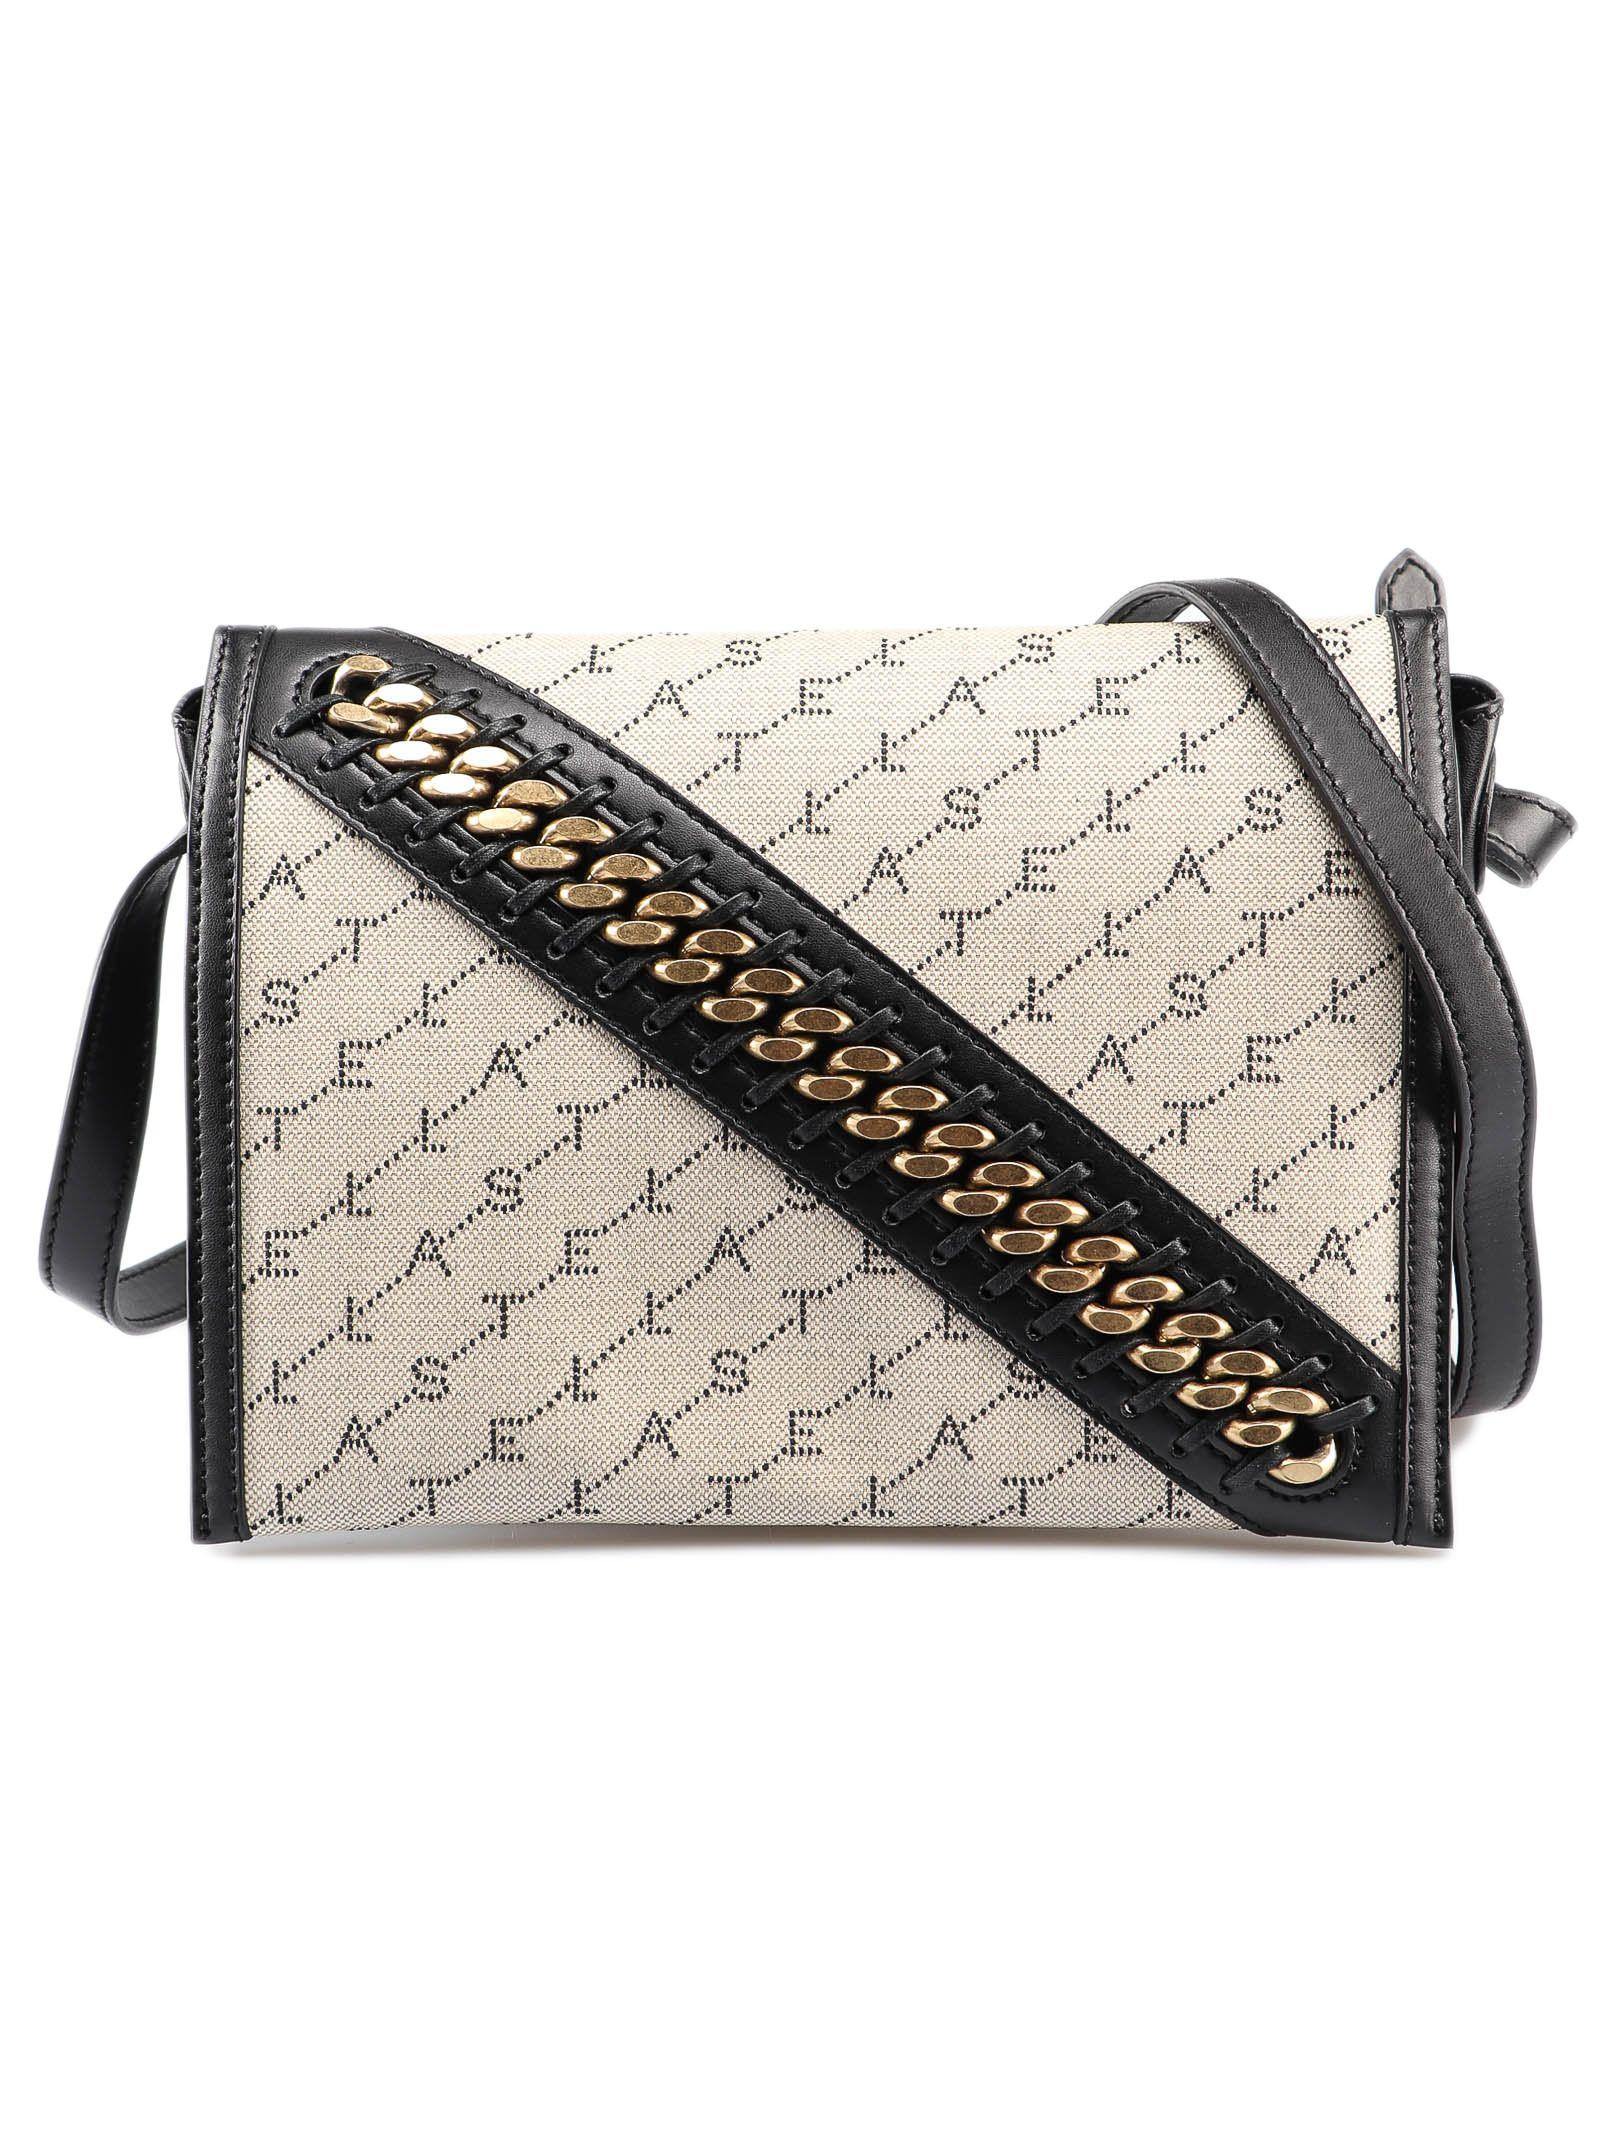 Stella Mccartney Eco Monogram Shoulder Bag